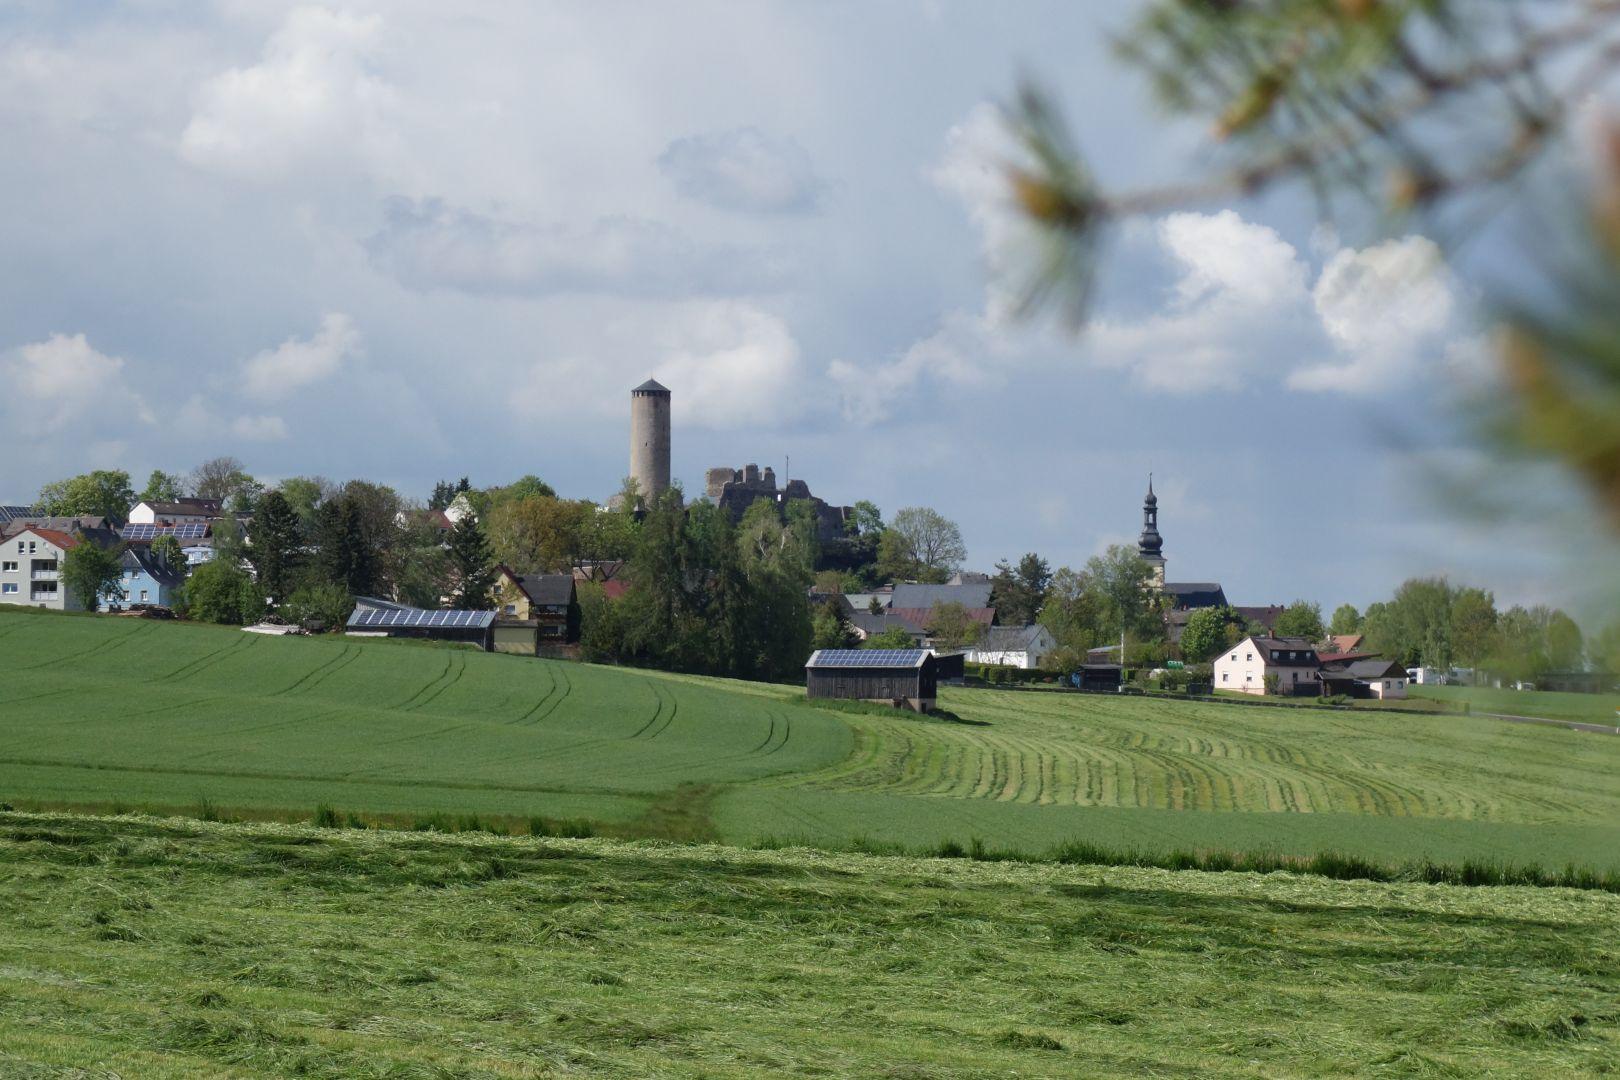 der Burgturm mit Ruine in Thierstein